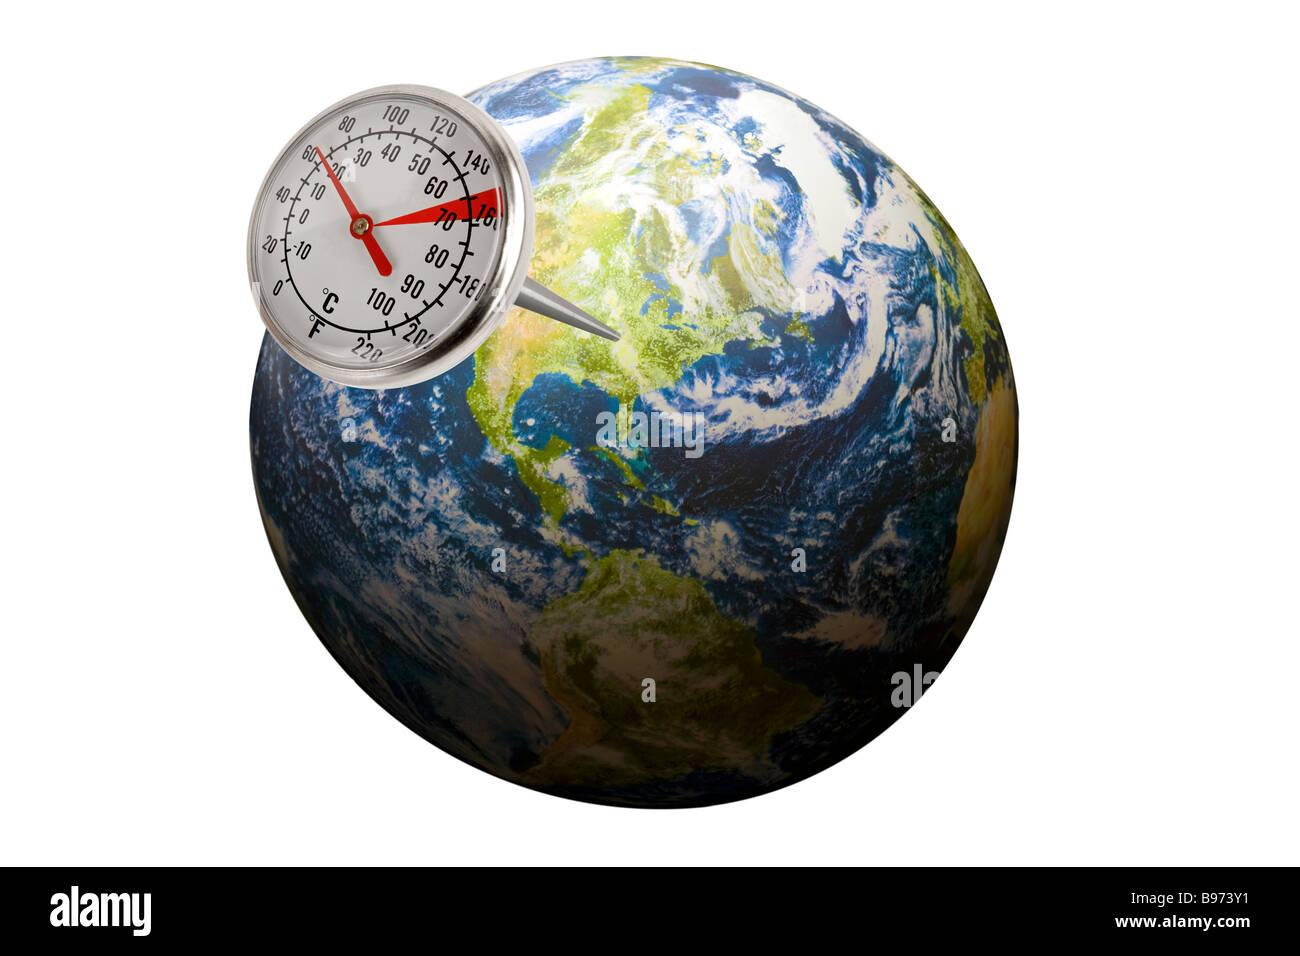 Termómetro sobresaliendo del planeta Tierra mostrando las emisiones de carbono o un cambio en la temperatura Imagen De Stock